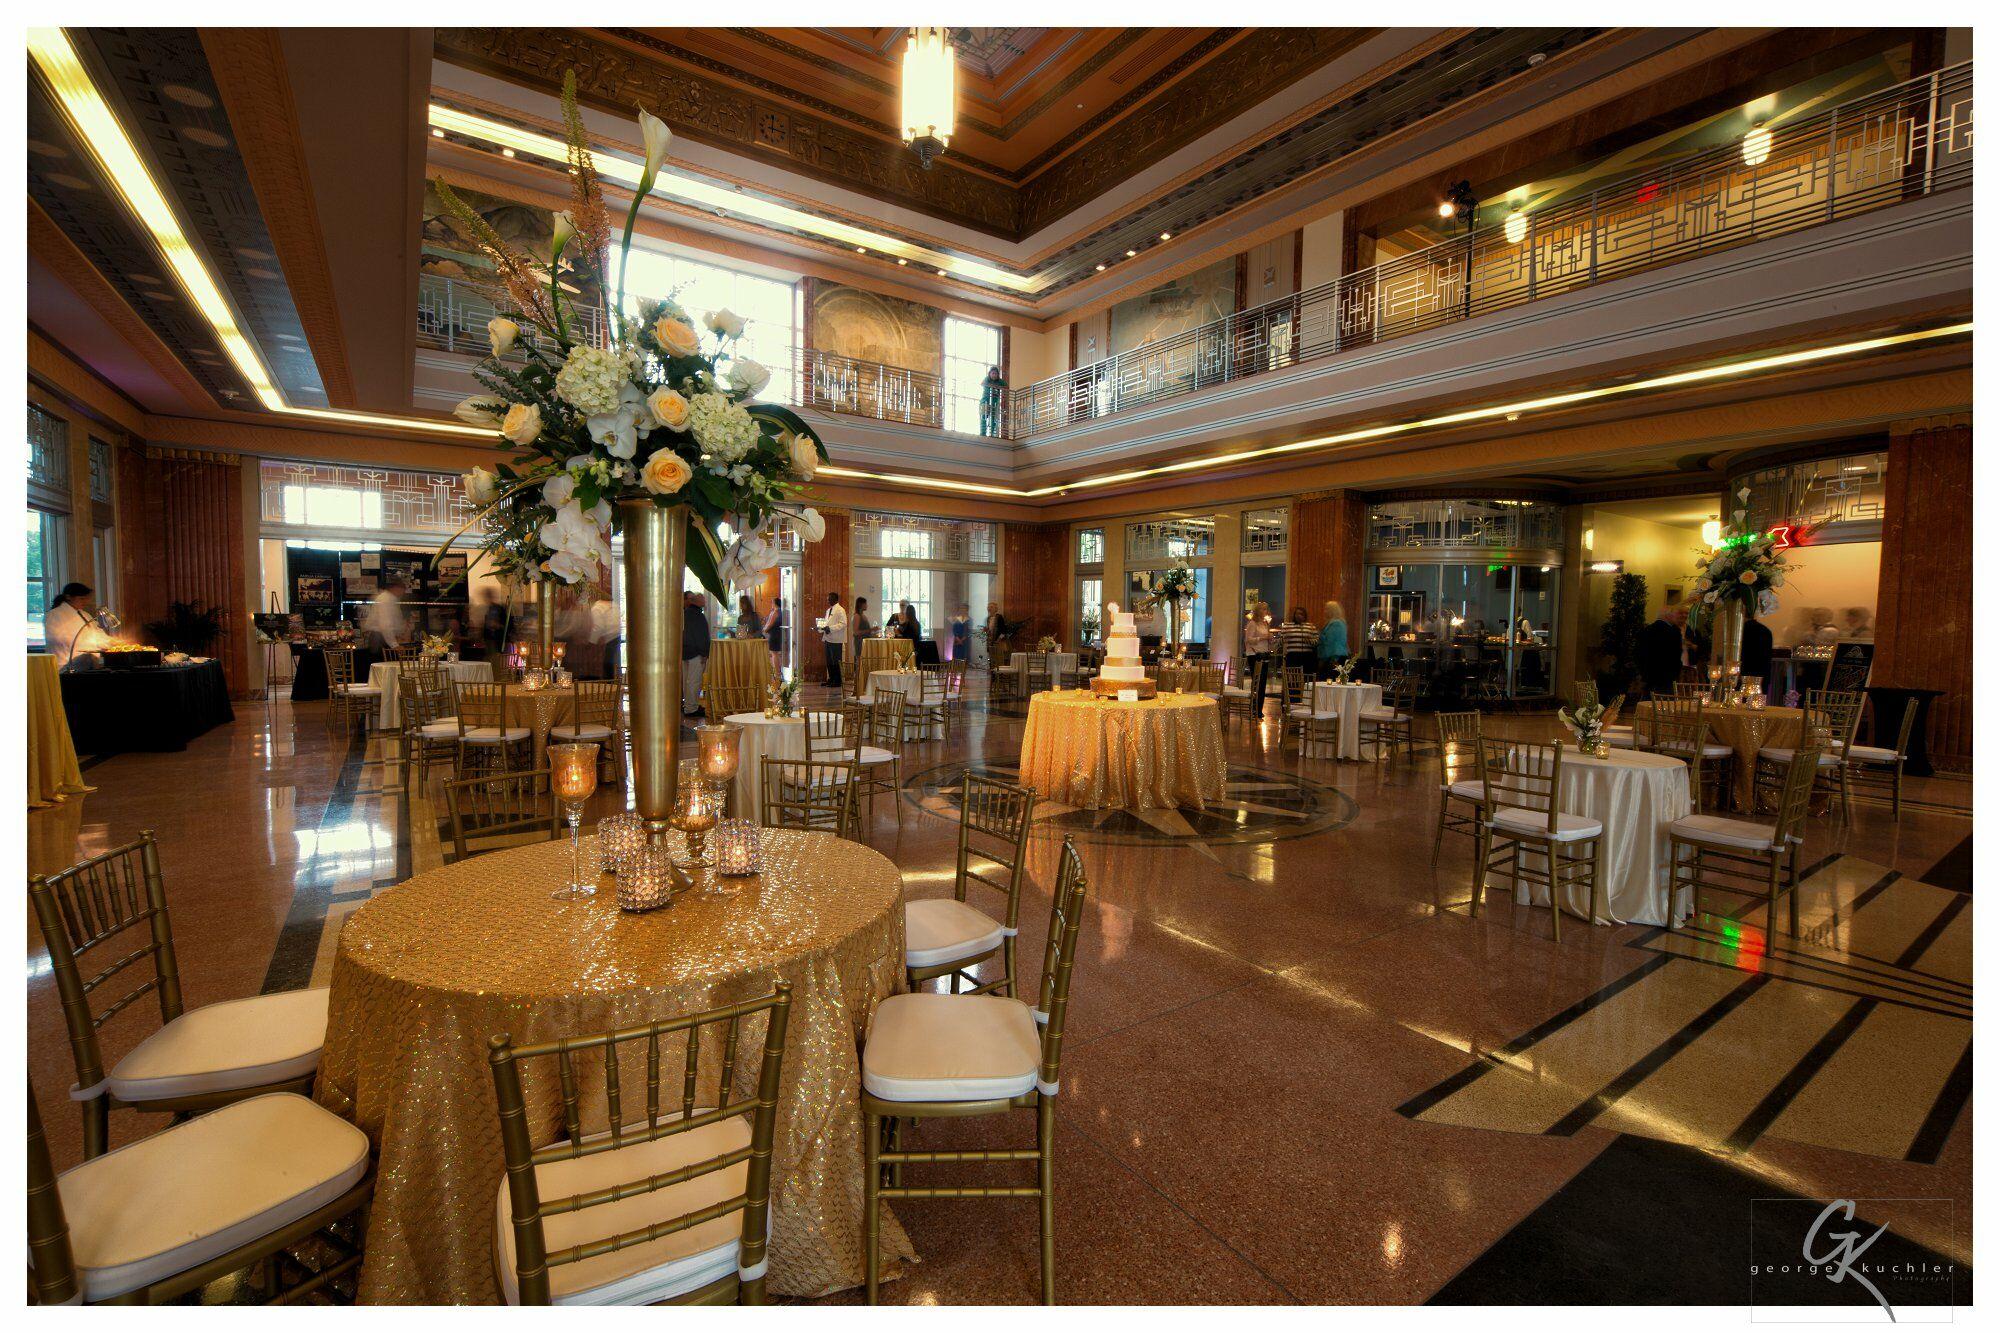 Wedding Venues in Covington, LA - The Knot